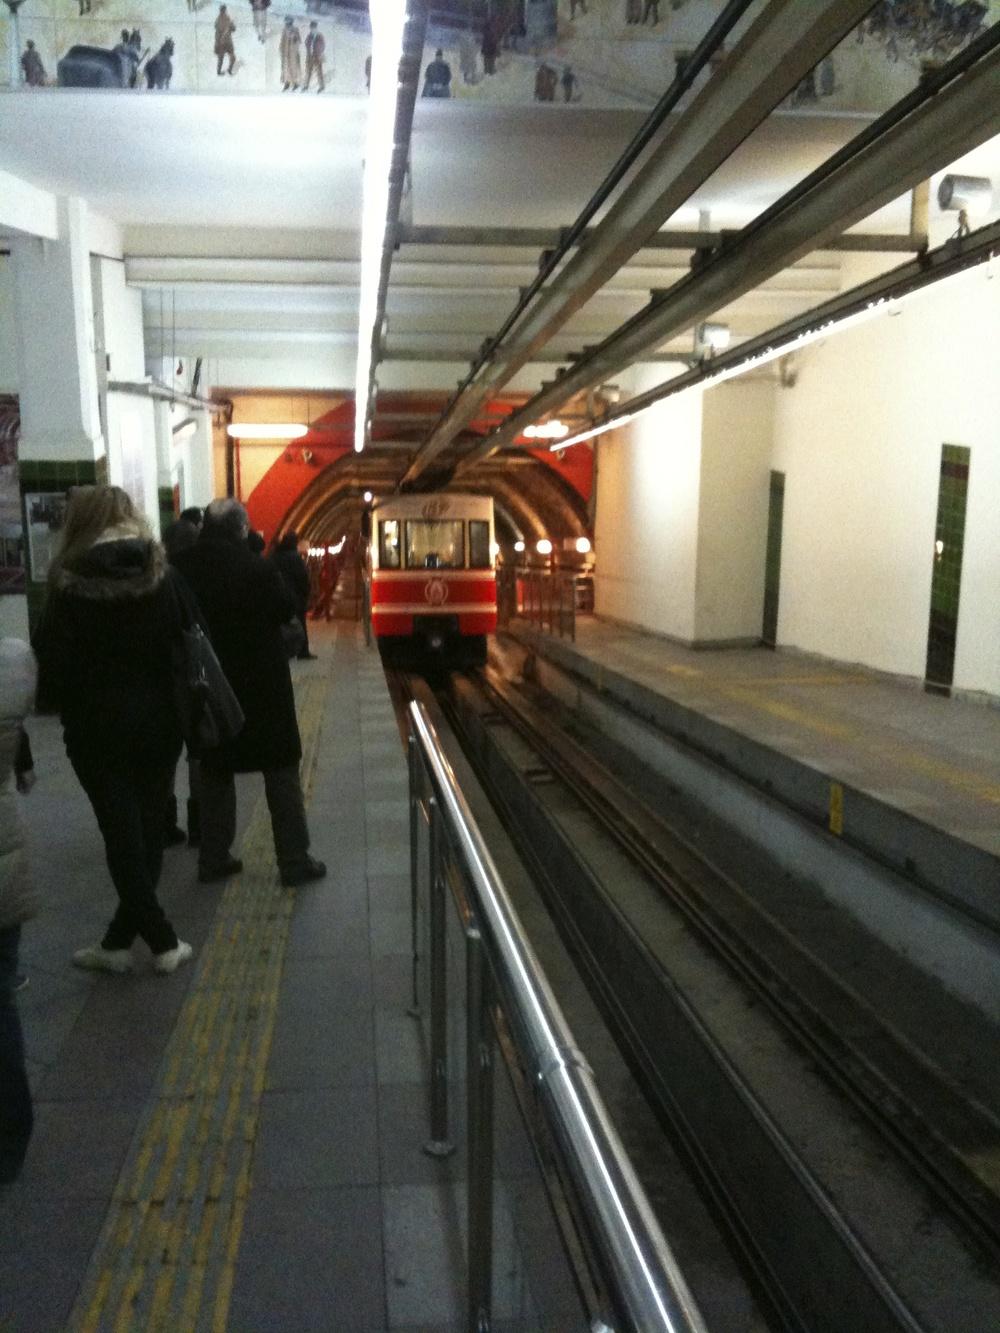 Regarder le petit métro arriver dans le Tünel.